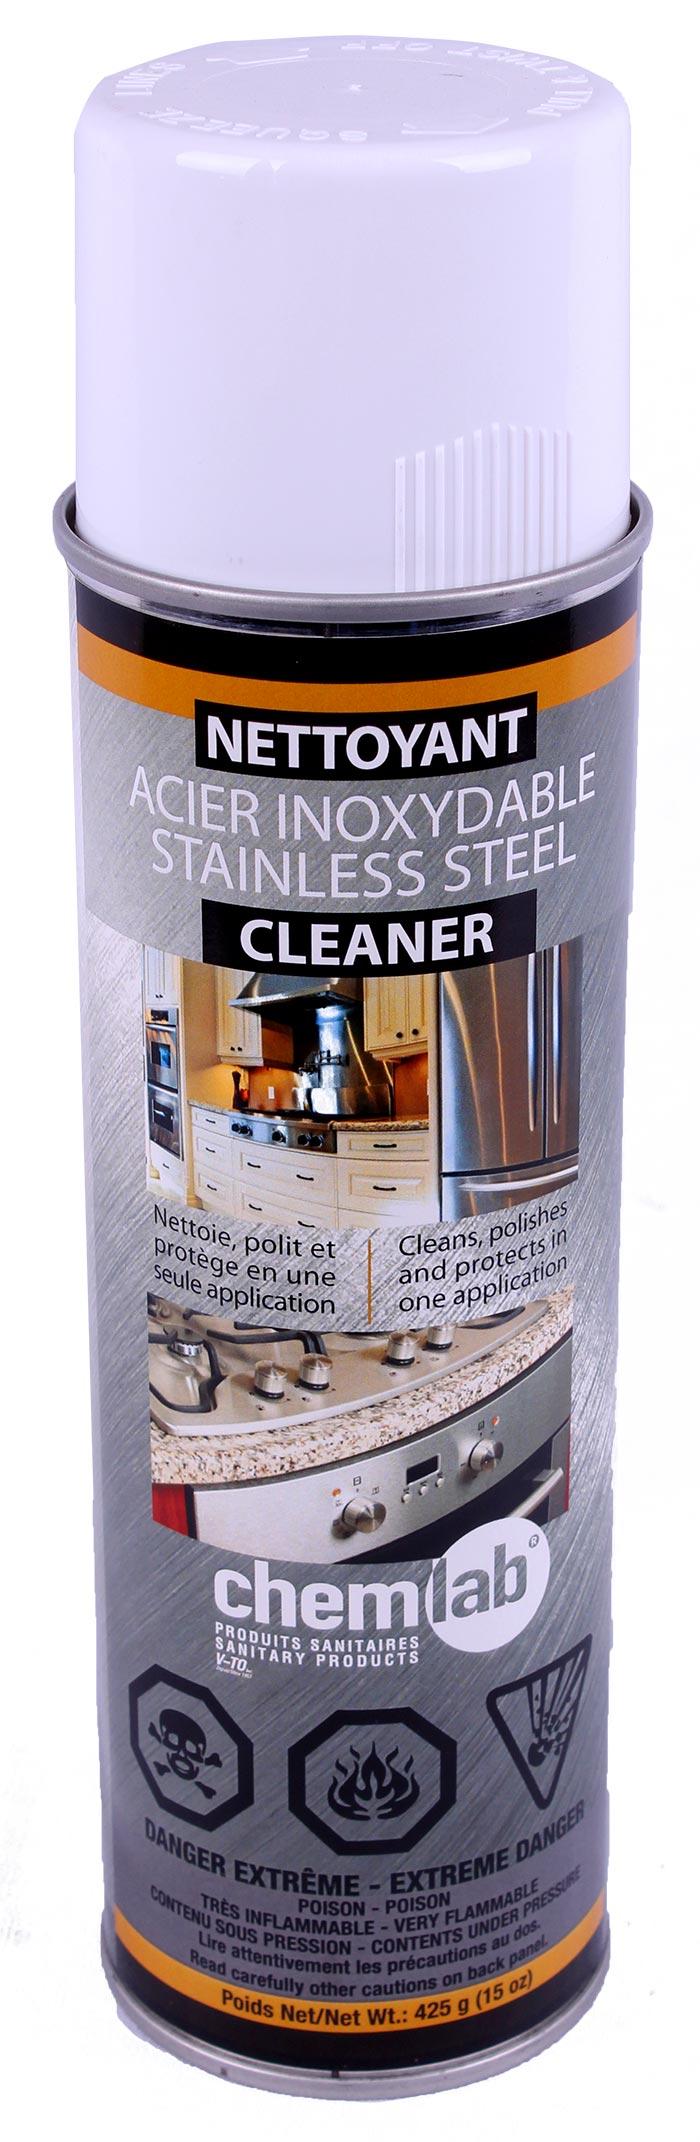 Aérosol – Nettoyant pour acier inoxydable